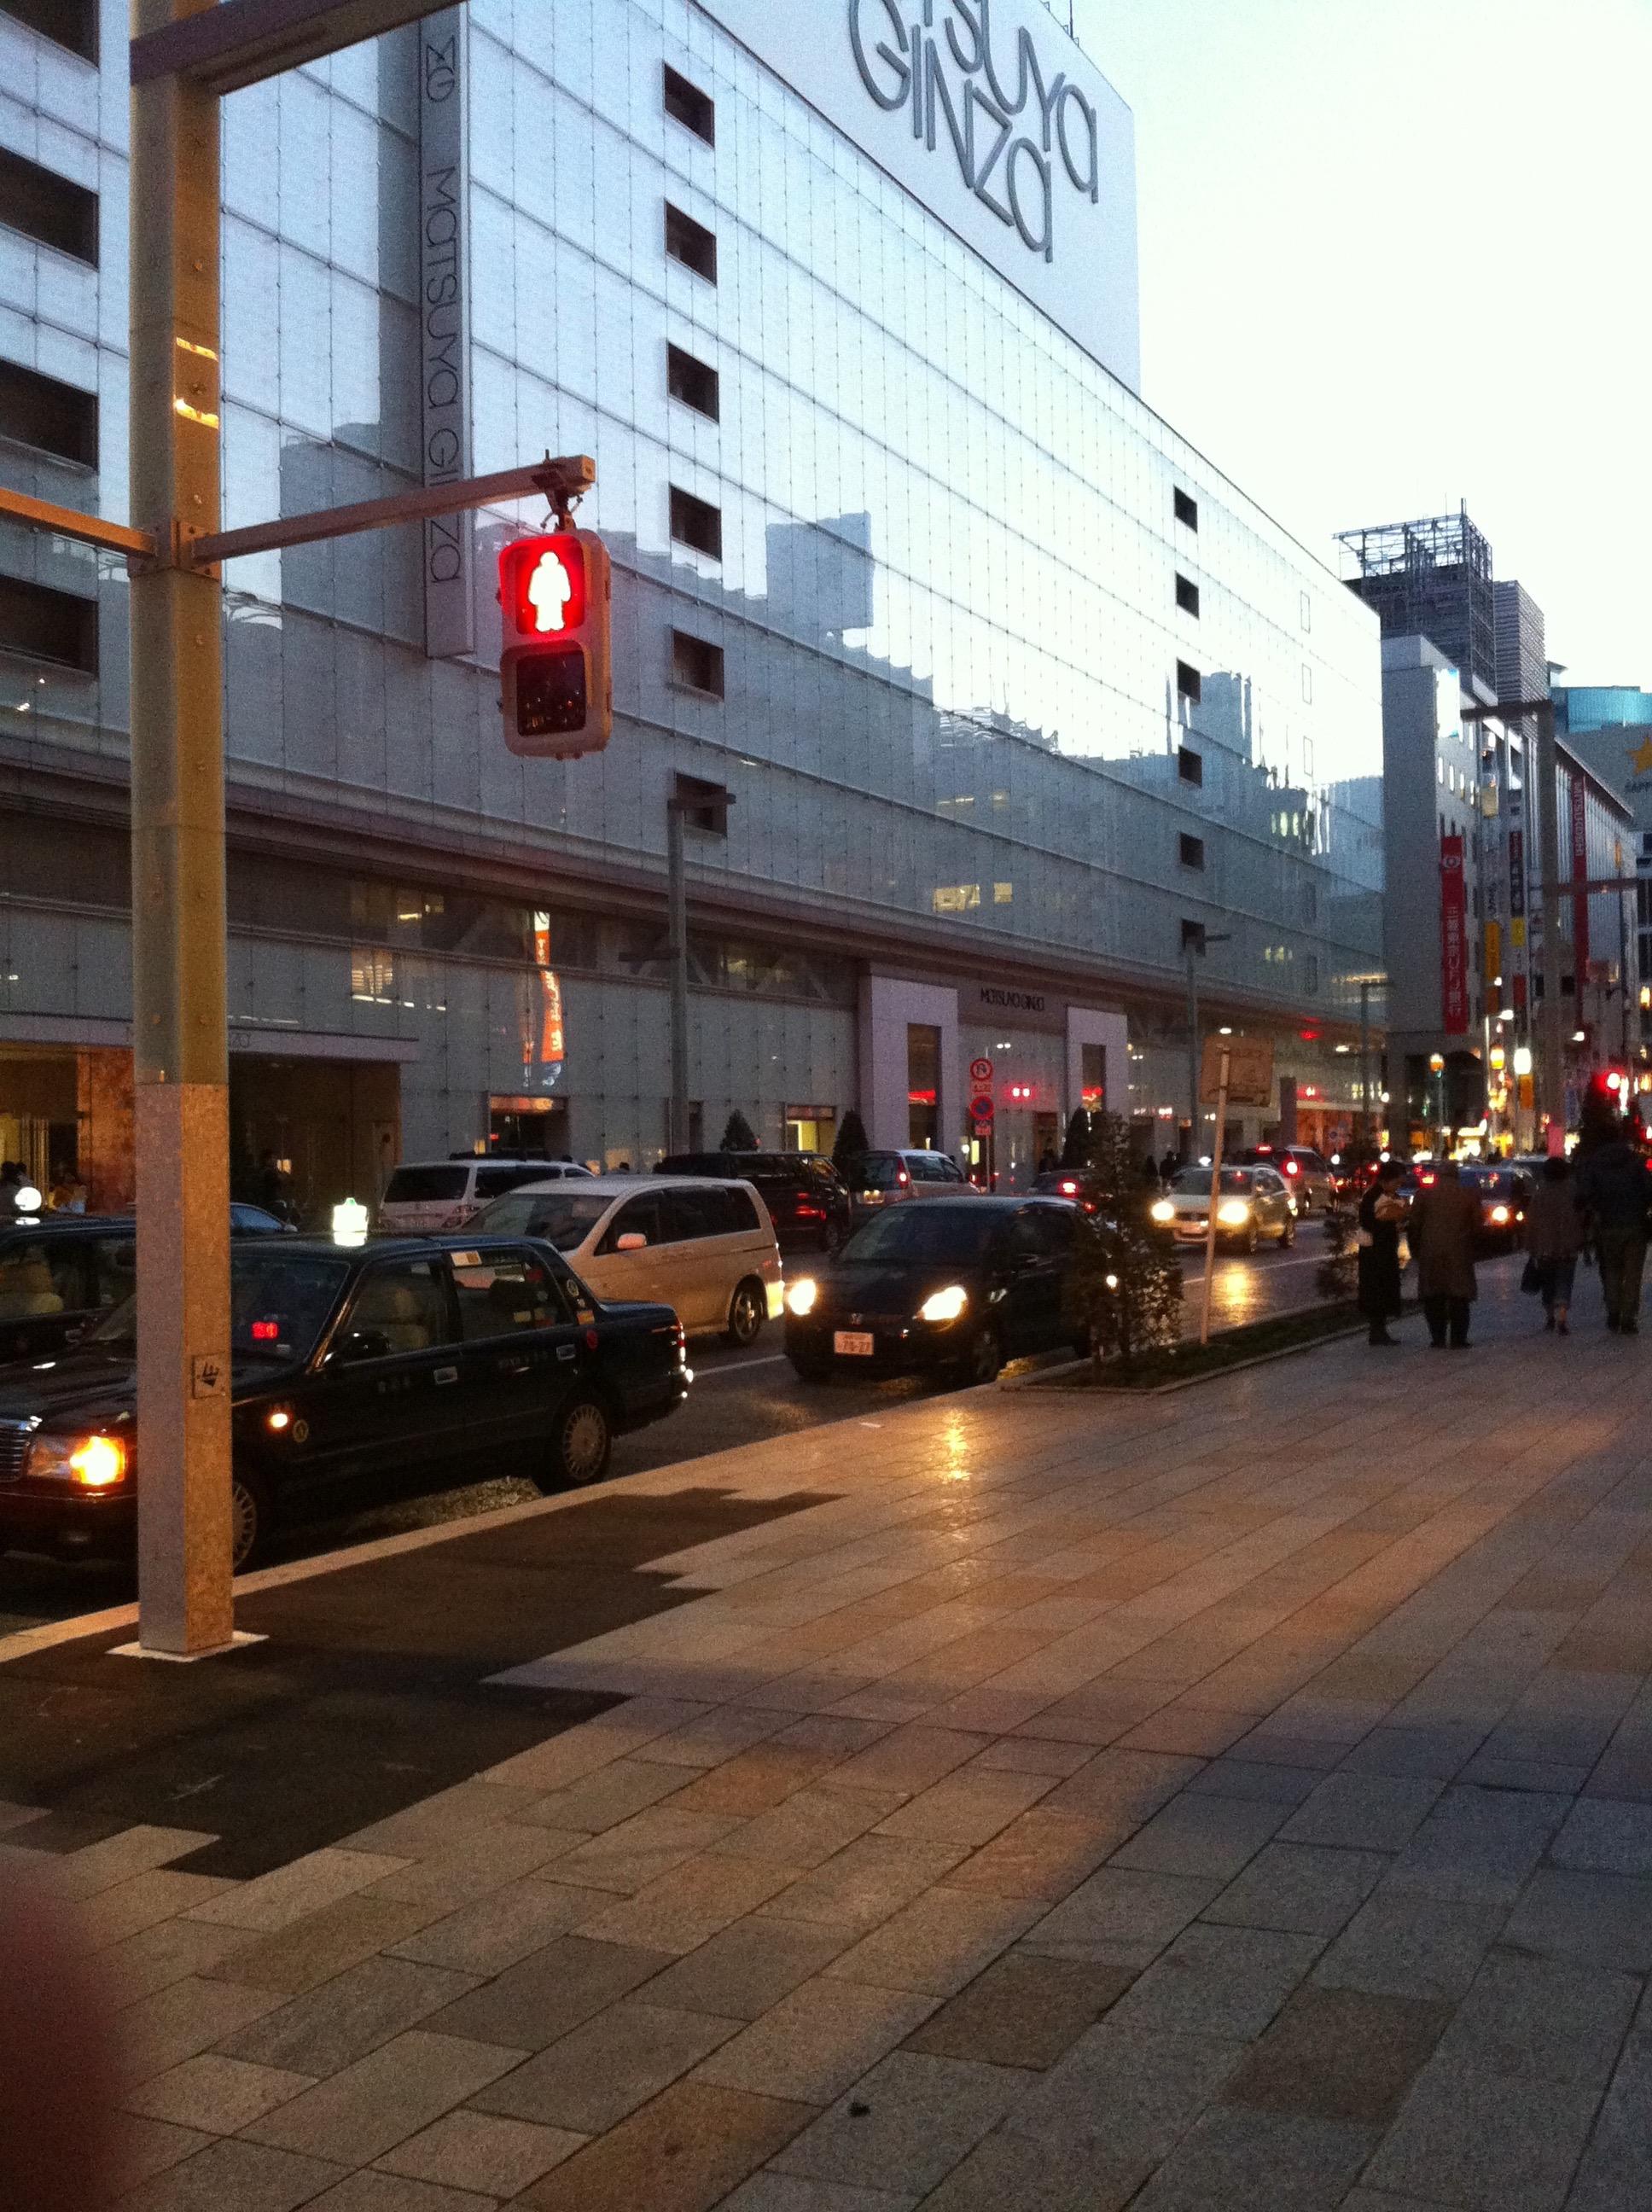 震災後、節電など自主規制ムードの街並み(東京都中央区銀座)